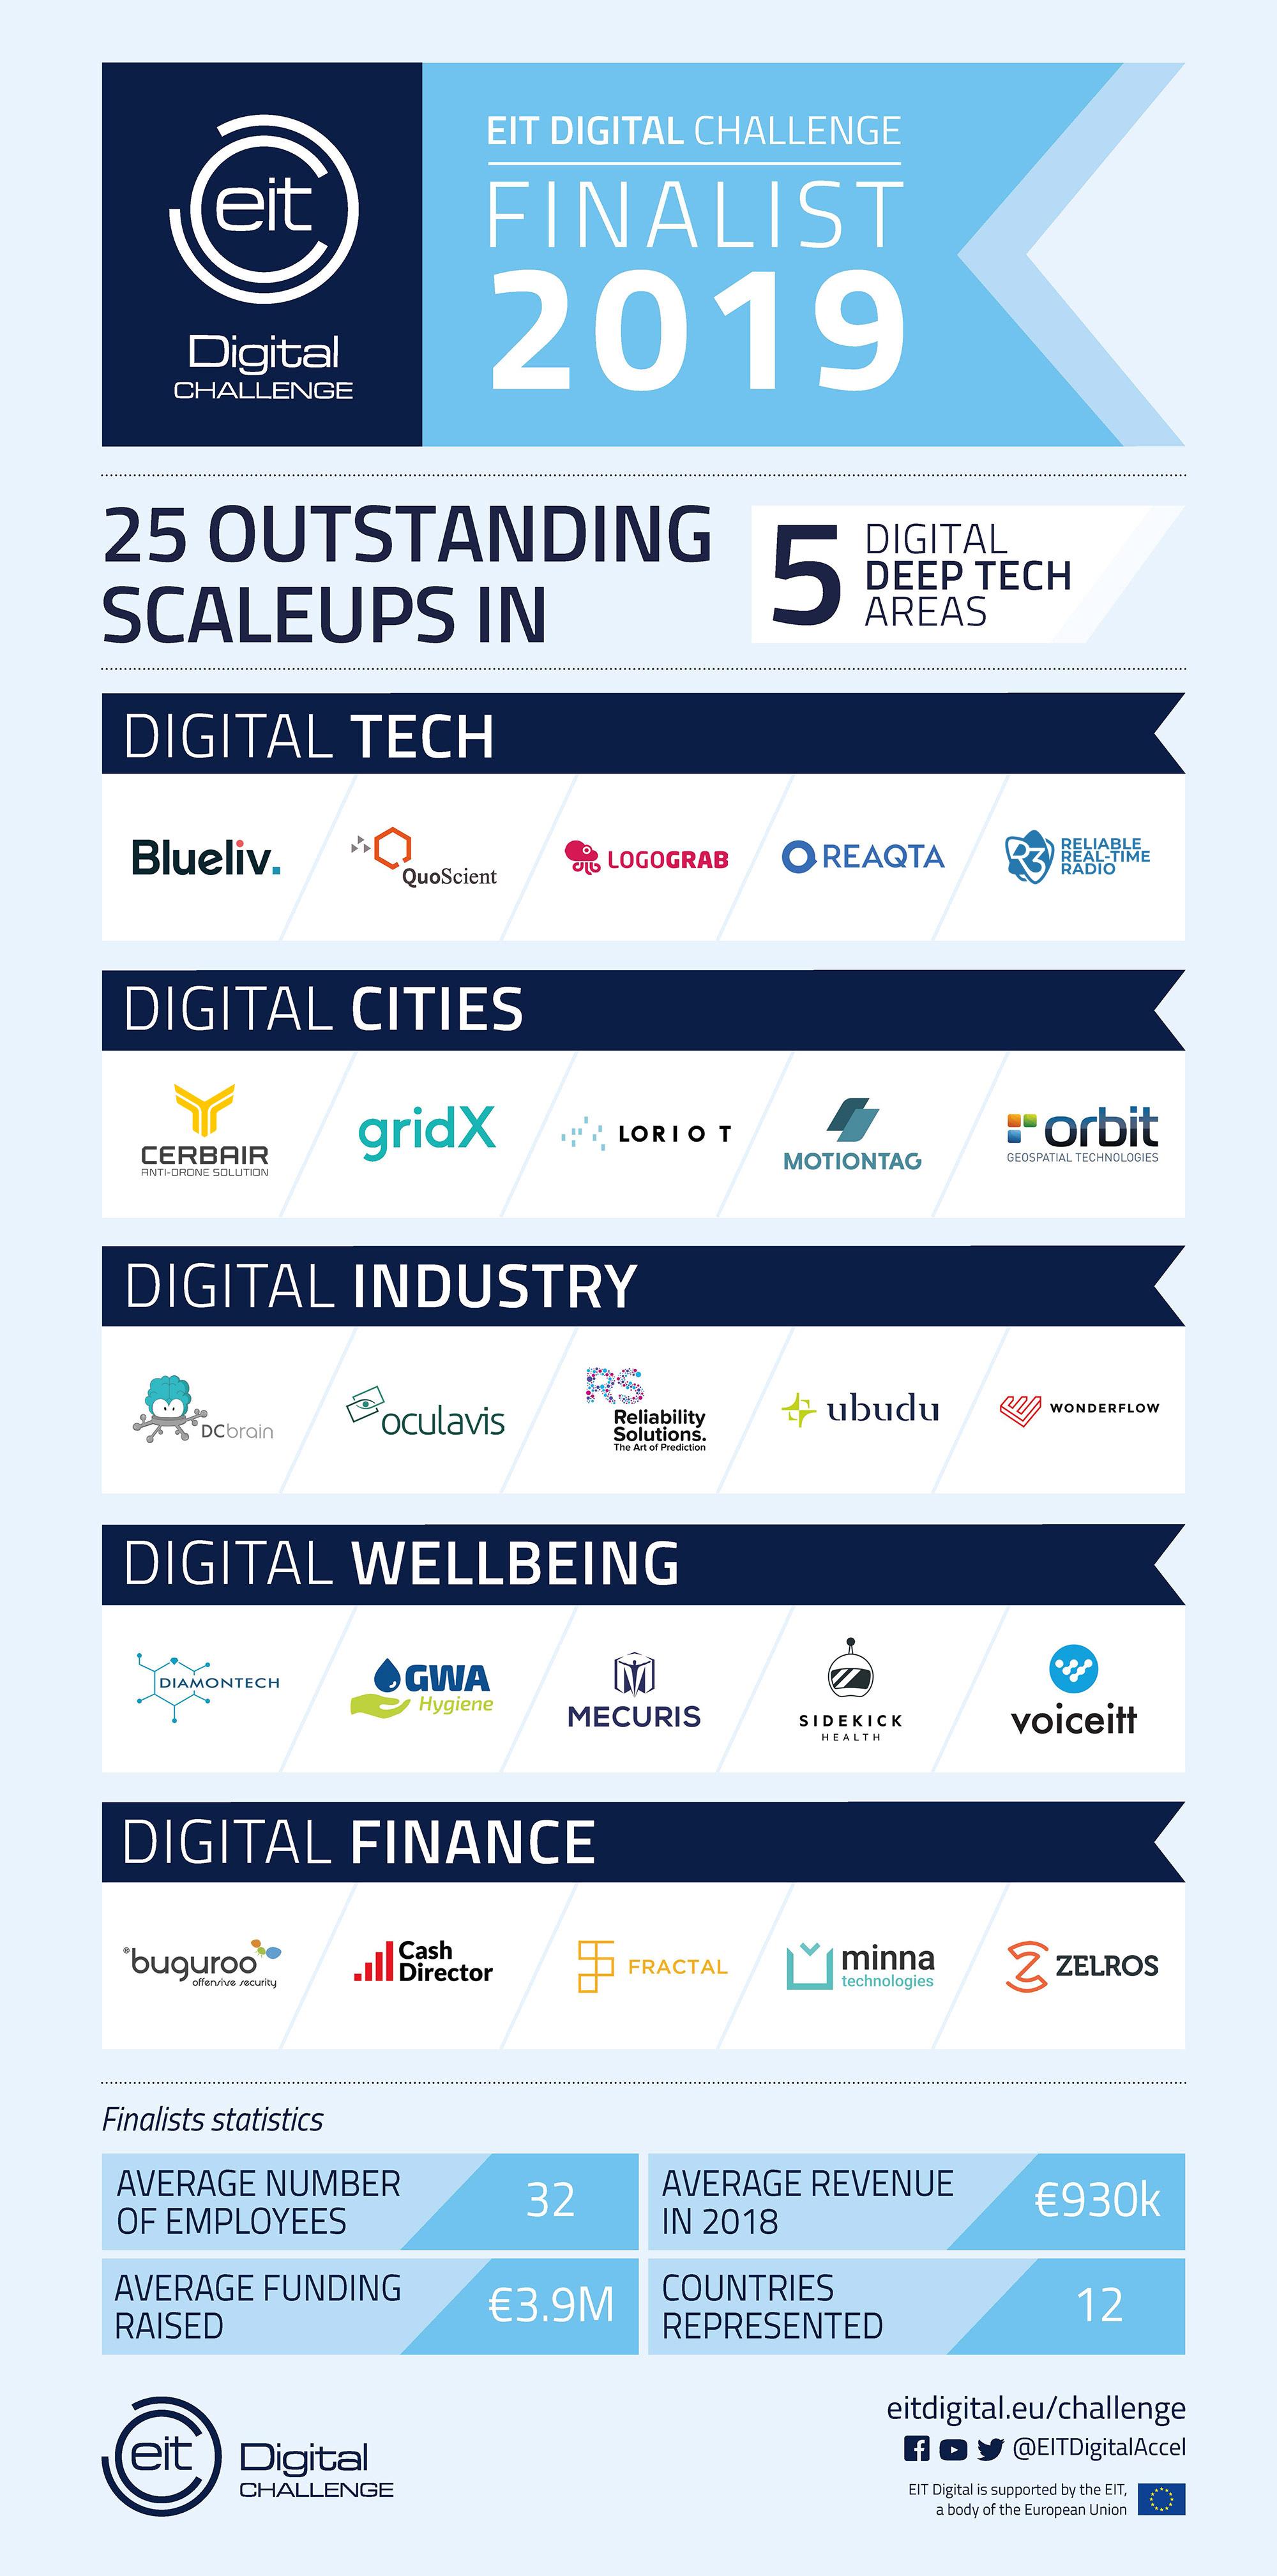 EIT Digital Challenge 2019 Finalist